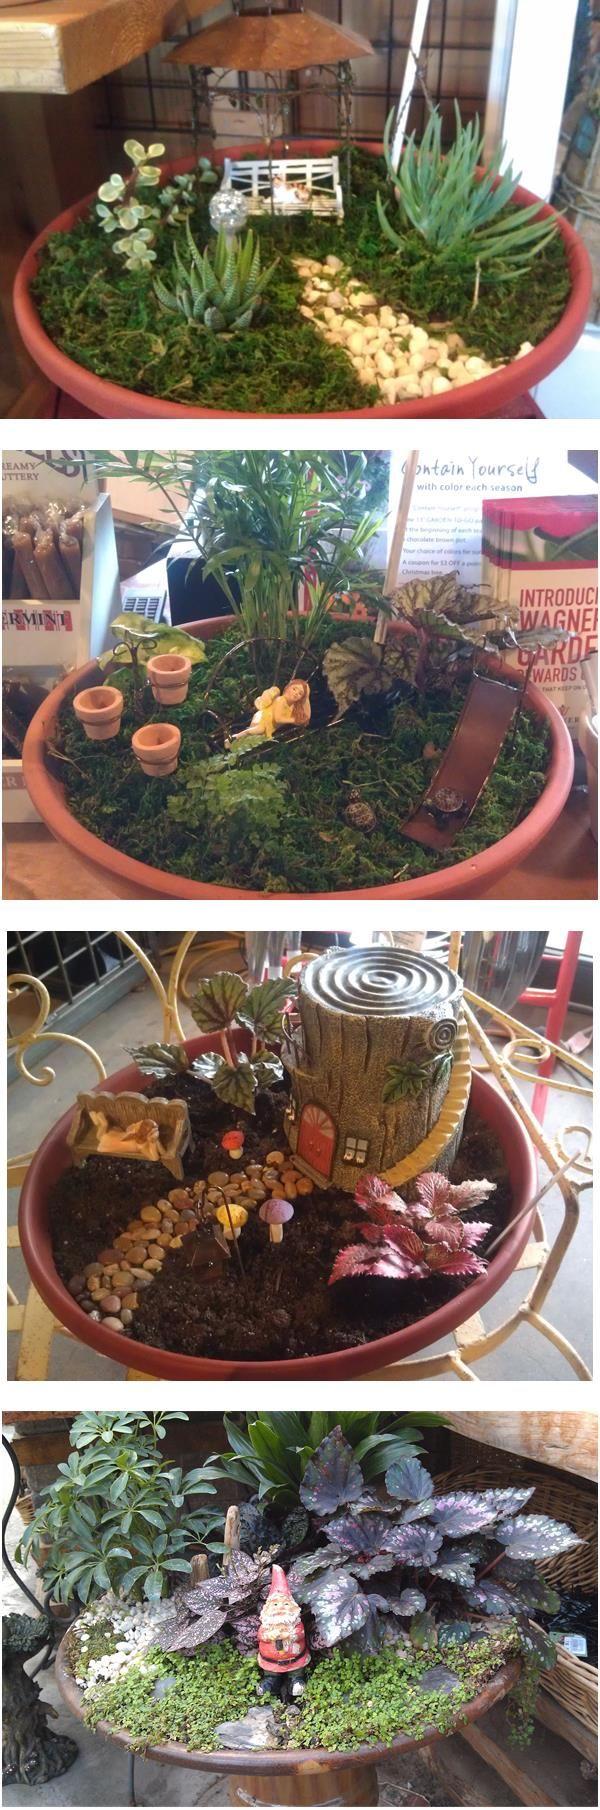 Diy Fairy Gardens 7 - 50 Magical DIY Fairy Garden Ideas